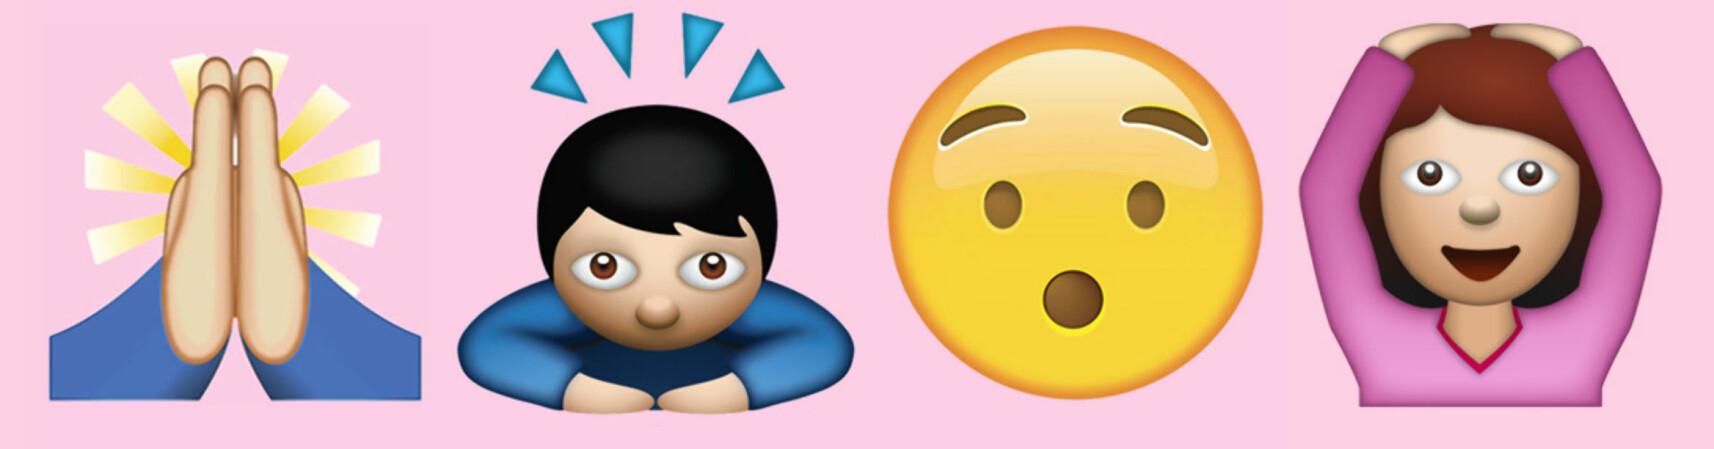 BRUKES FEIL: Disse er blant de emojiene veldig mange misforstår meningen bak – sjekk fasiten i sakne under. FOTO: Scanpix